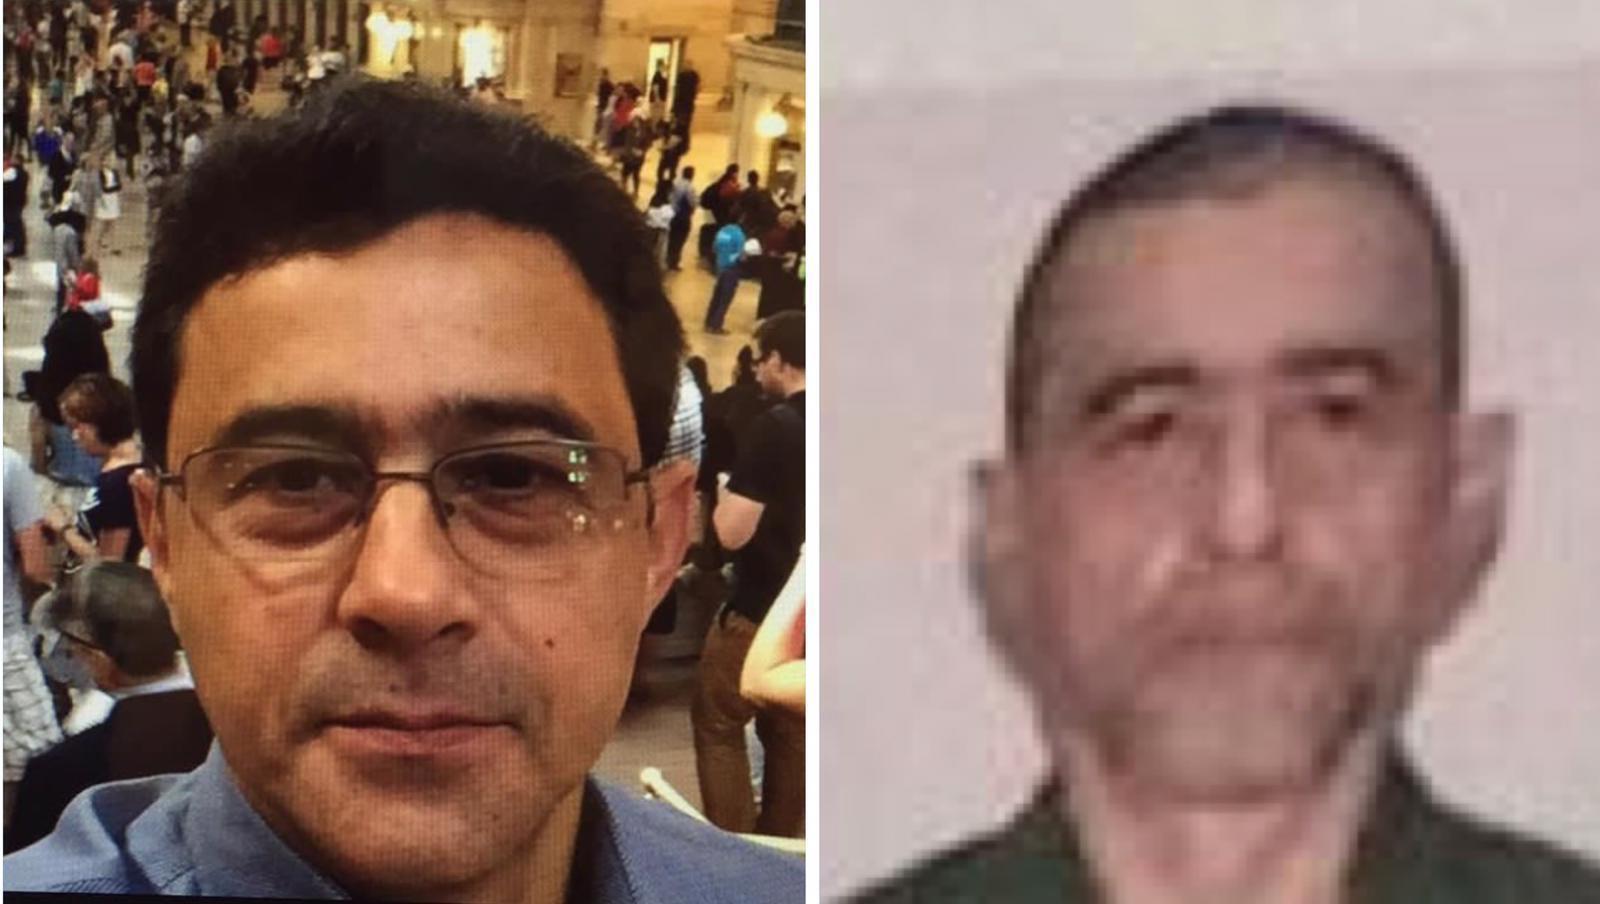 Gustavo Cardenas, ancien responsable des affaires publiques chez Citgo, est décrit avant et après son arrestation.